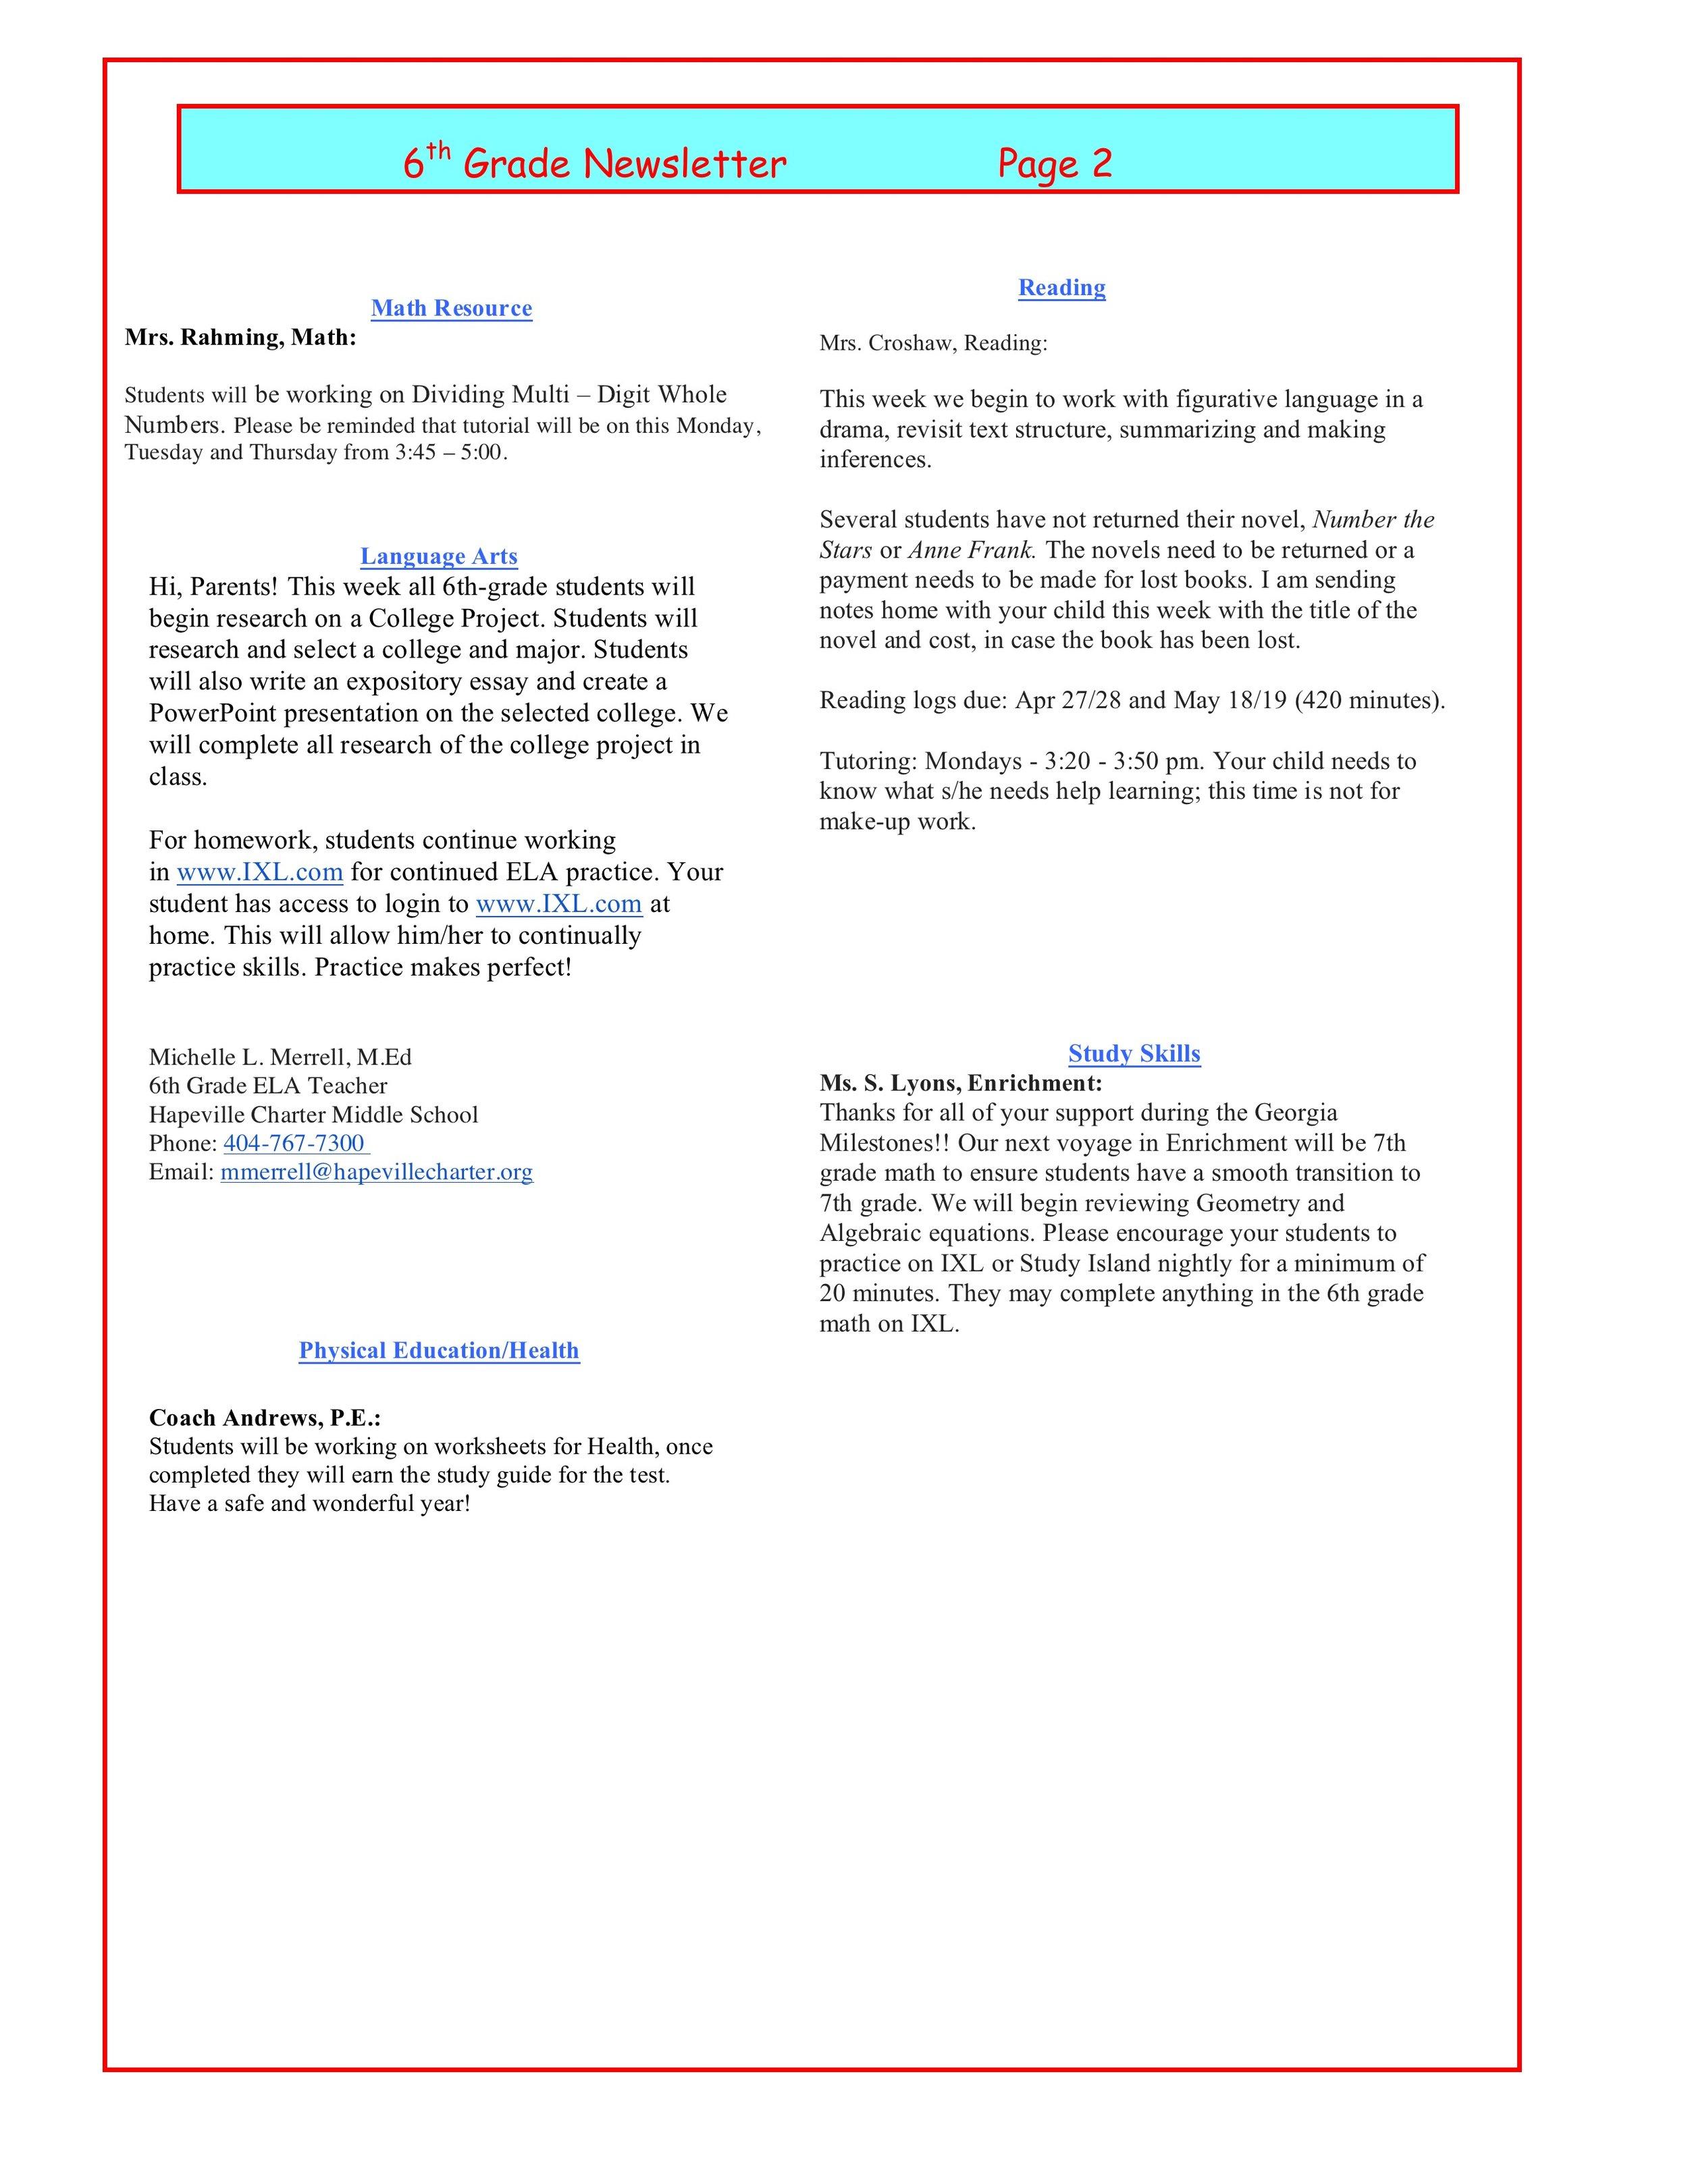 Newsletter Image6th Grade Newsletter 4-25-17 2.jpeg